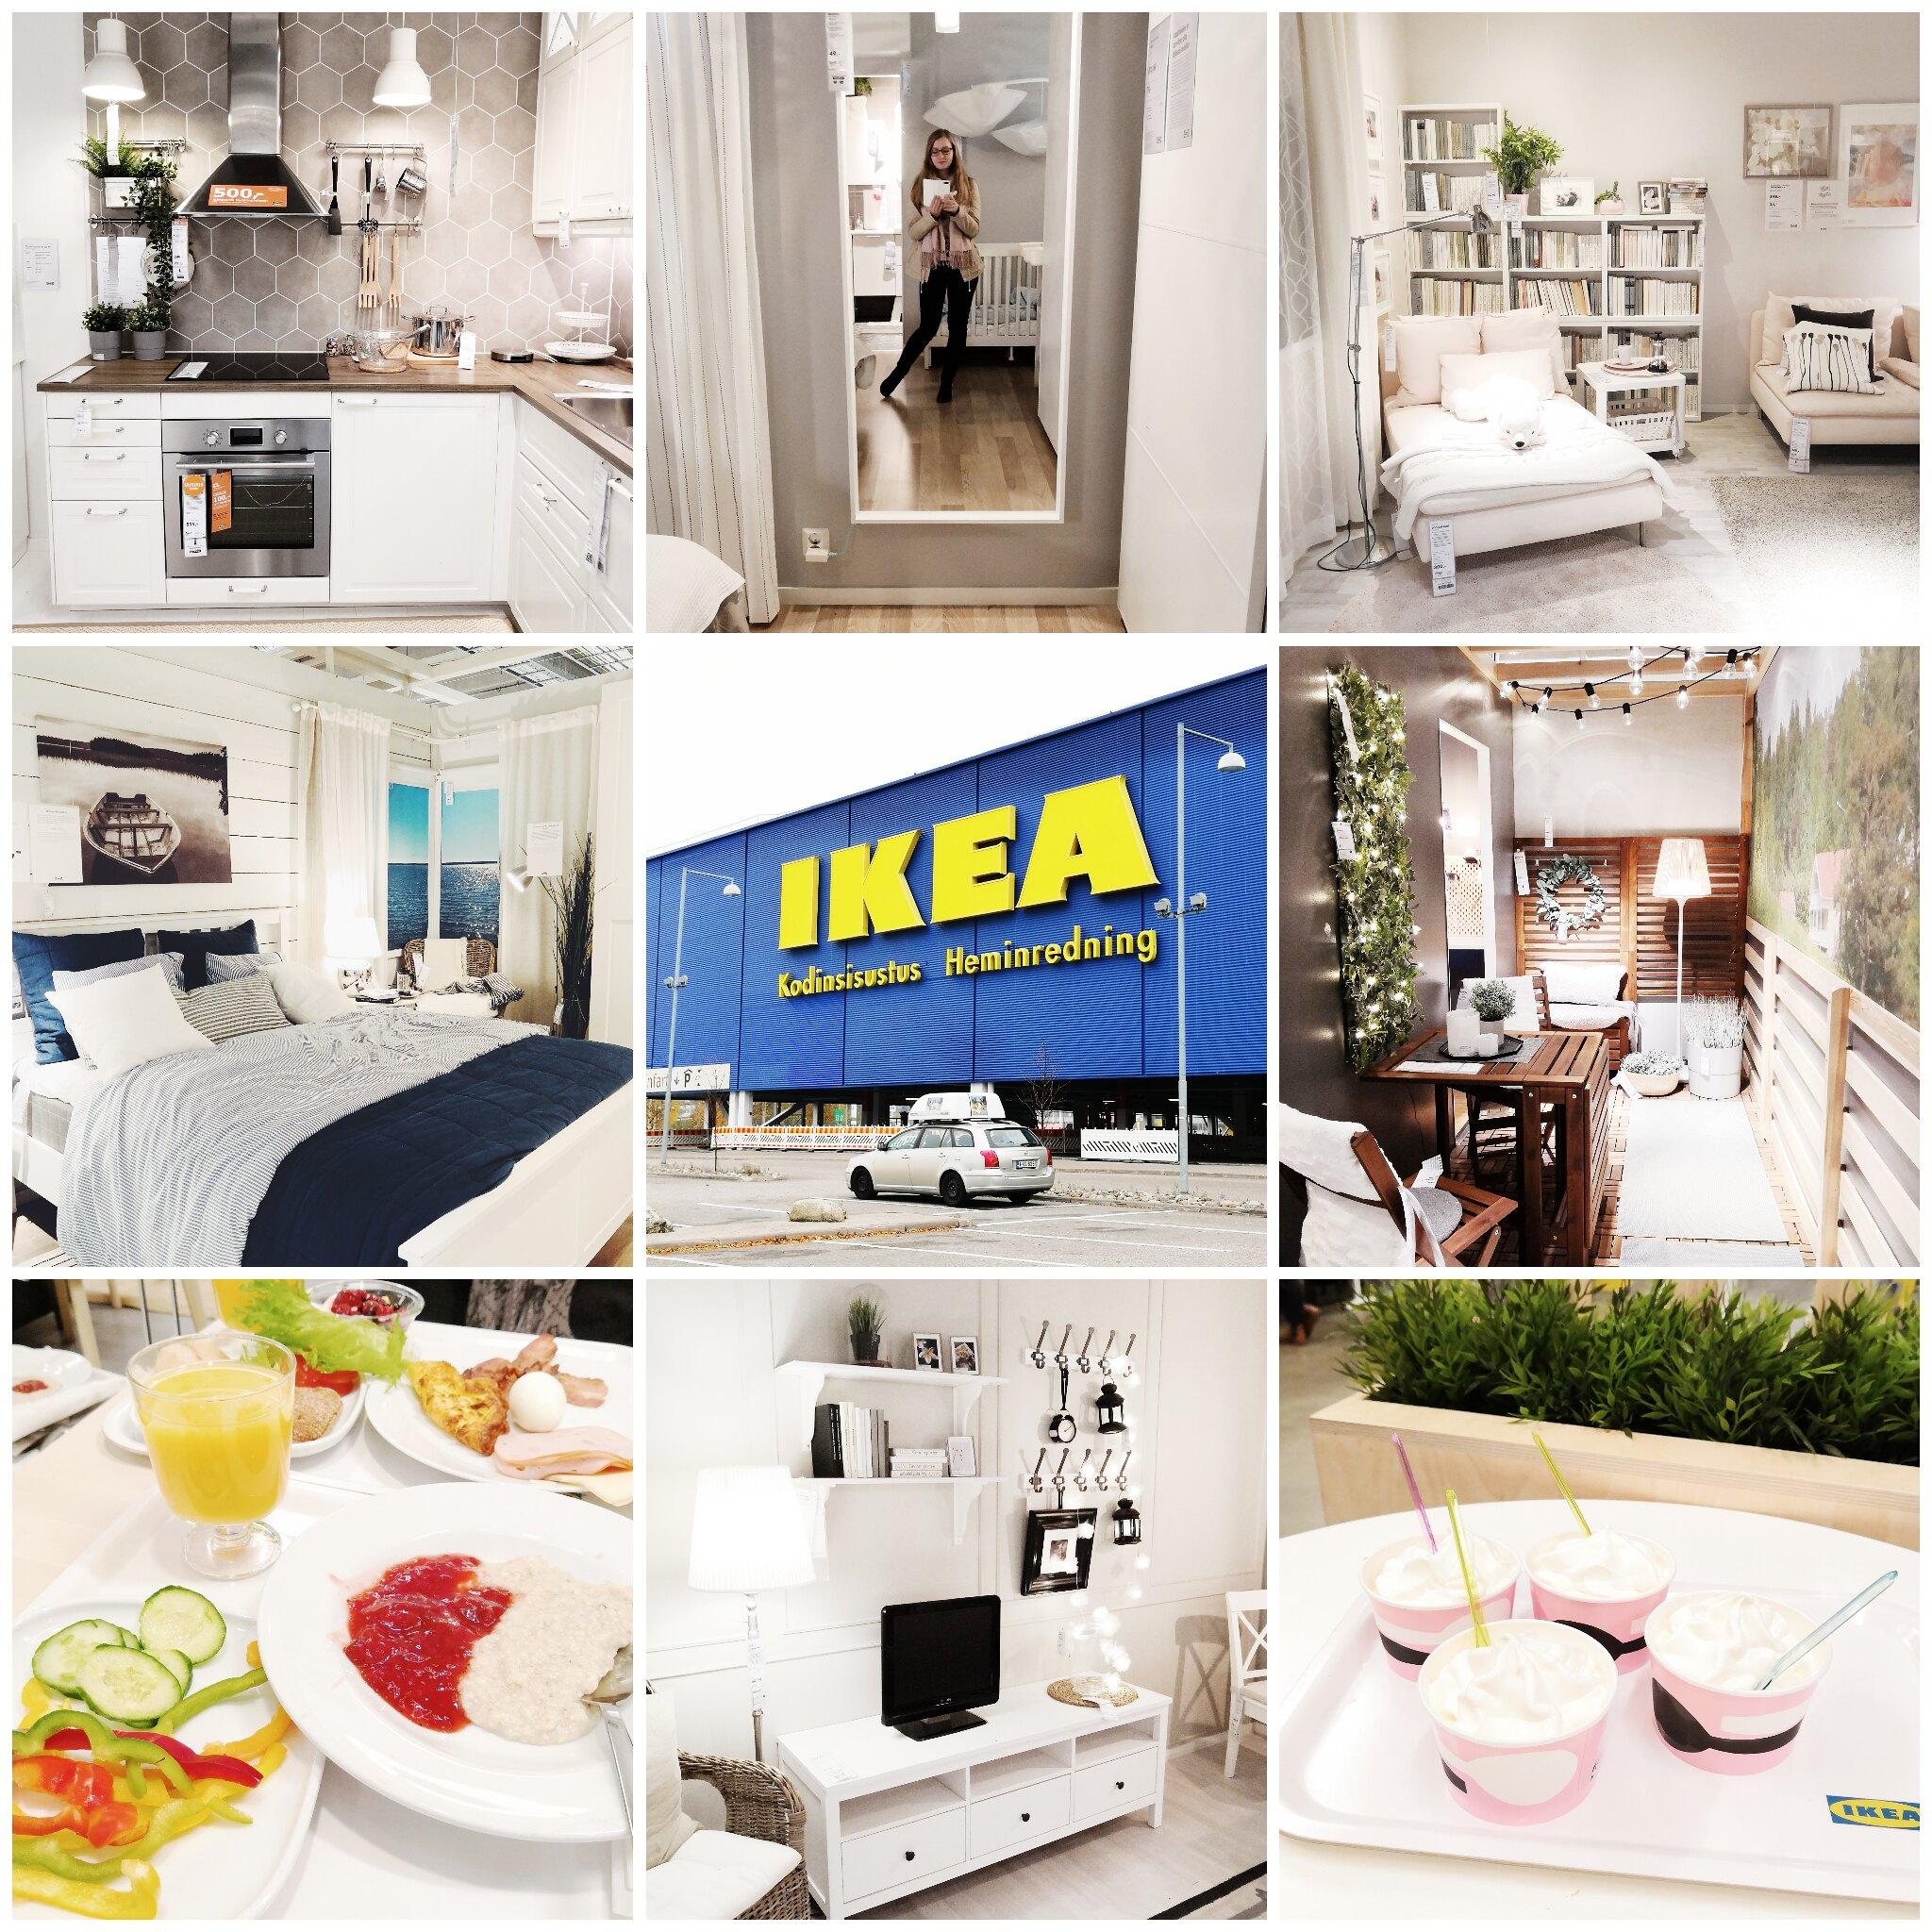 Helsinki | nähtävyyksiä, shoppailua, mielisairaalamuseo